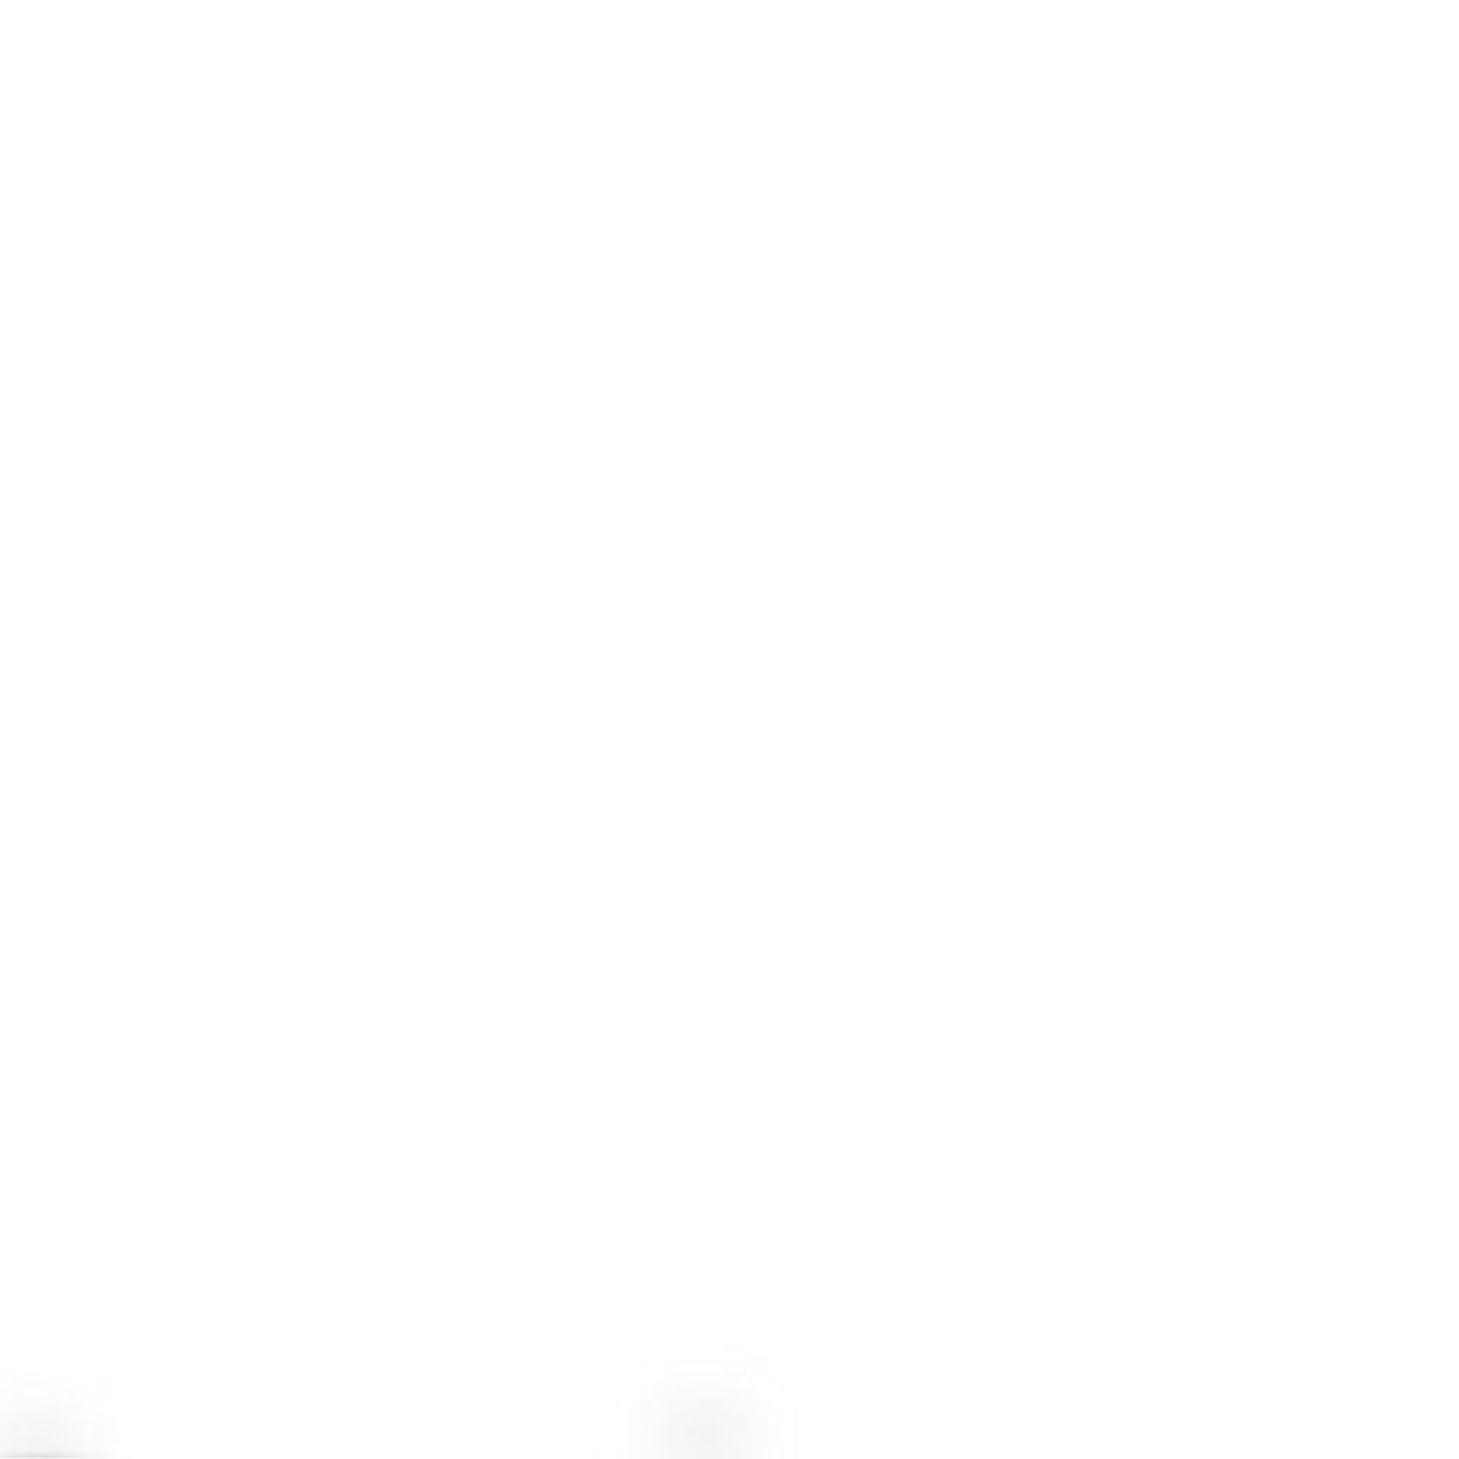 クレーター悪質な教養があるNeutrogena ニュートロジーナ ウェットスキン キッズ 日焼け止めセット (チューブタイプ) [並行輸入品]